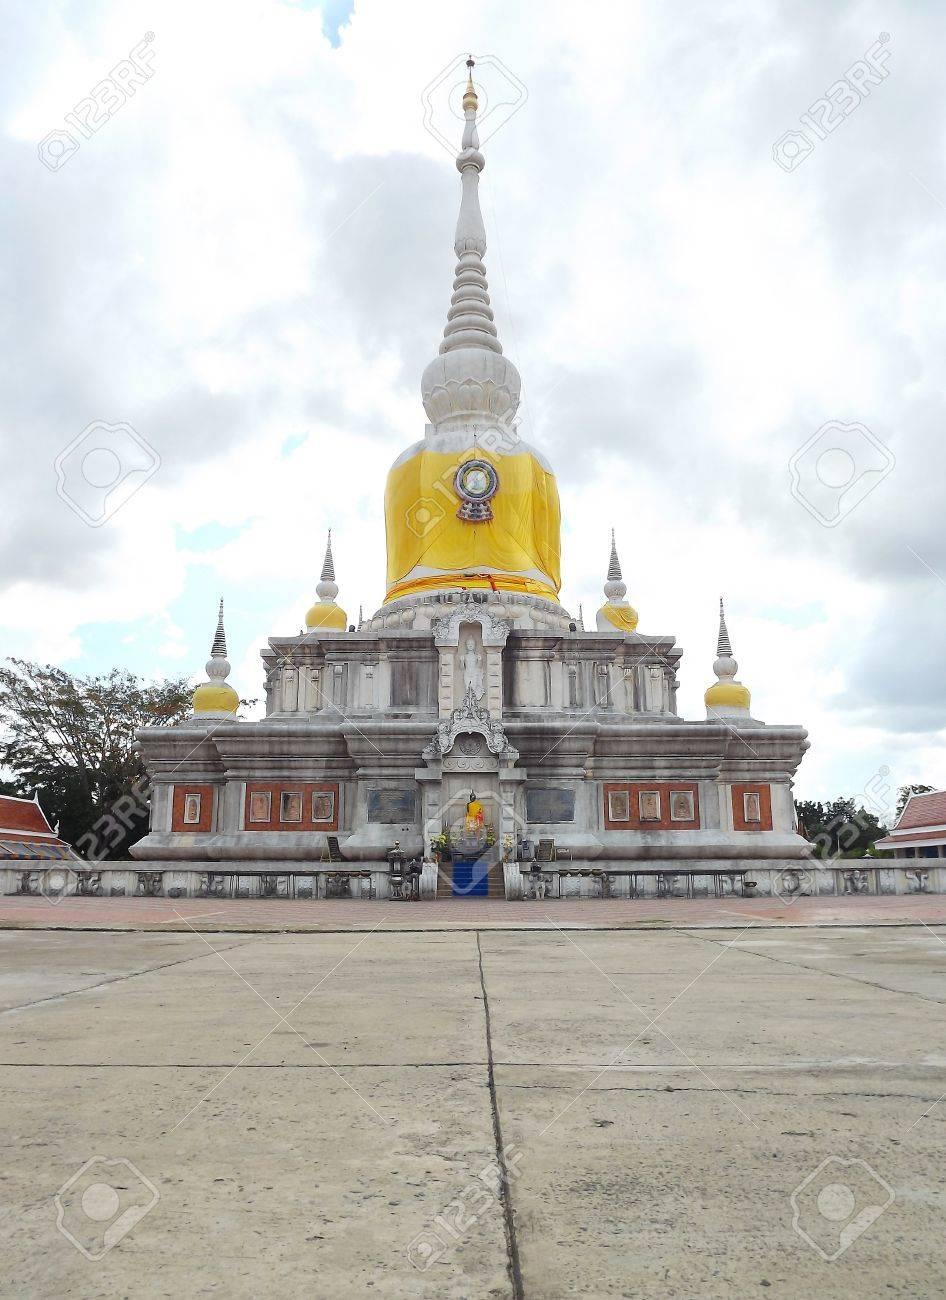 ワットいる Phra ナドゥン、タイ...